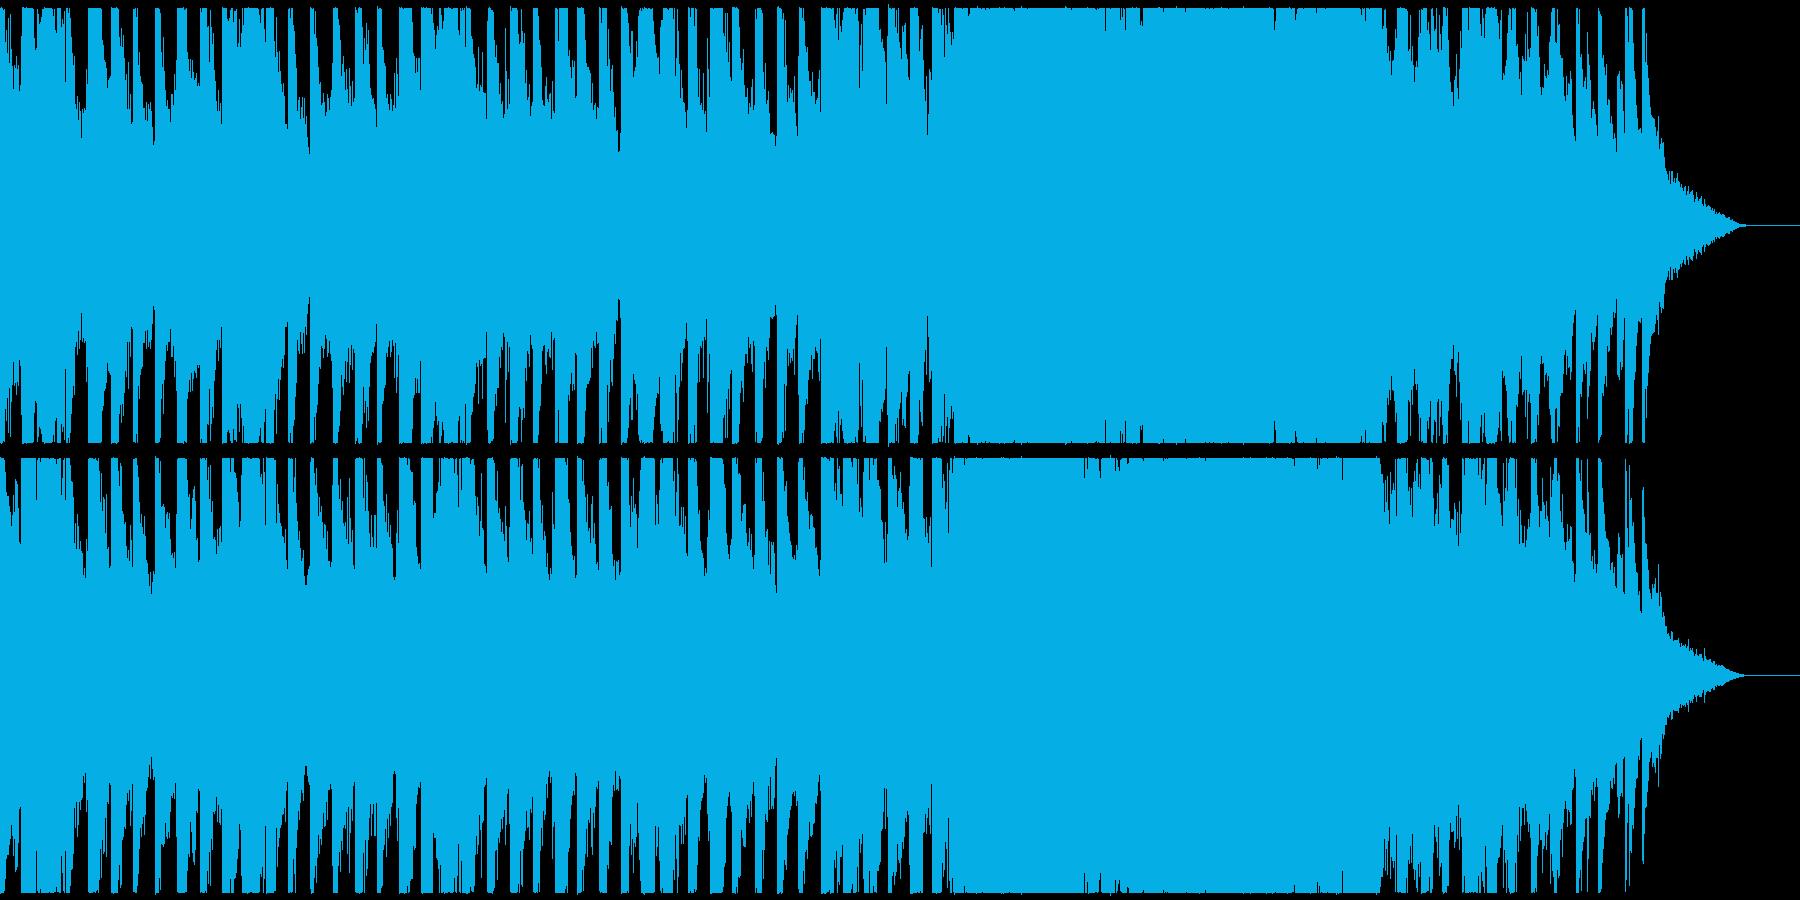 神秘的な雰囲気のあるアンビエントの再生済みの波形